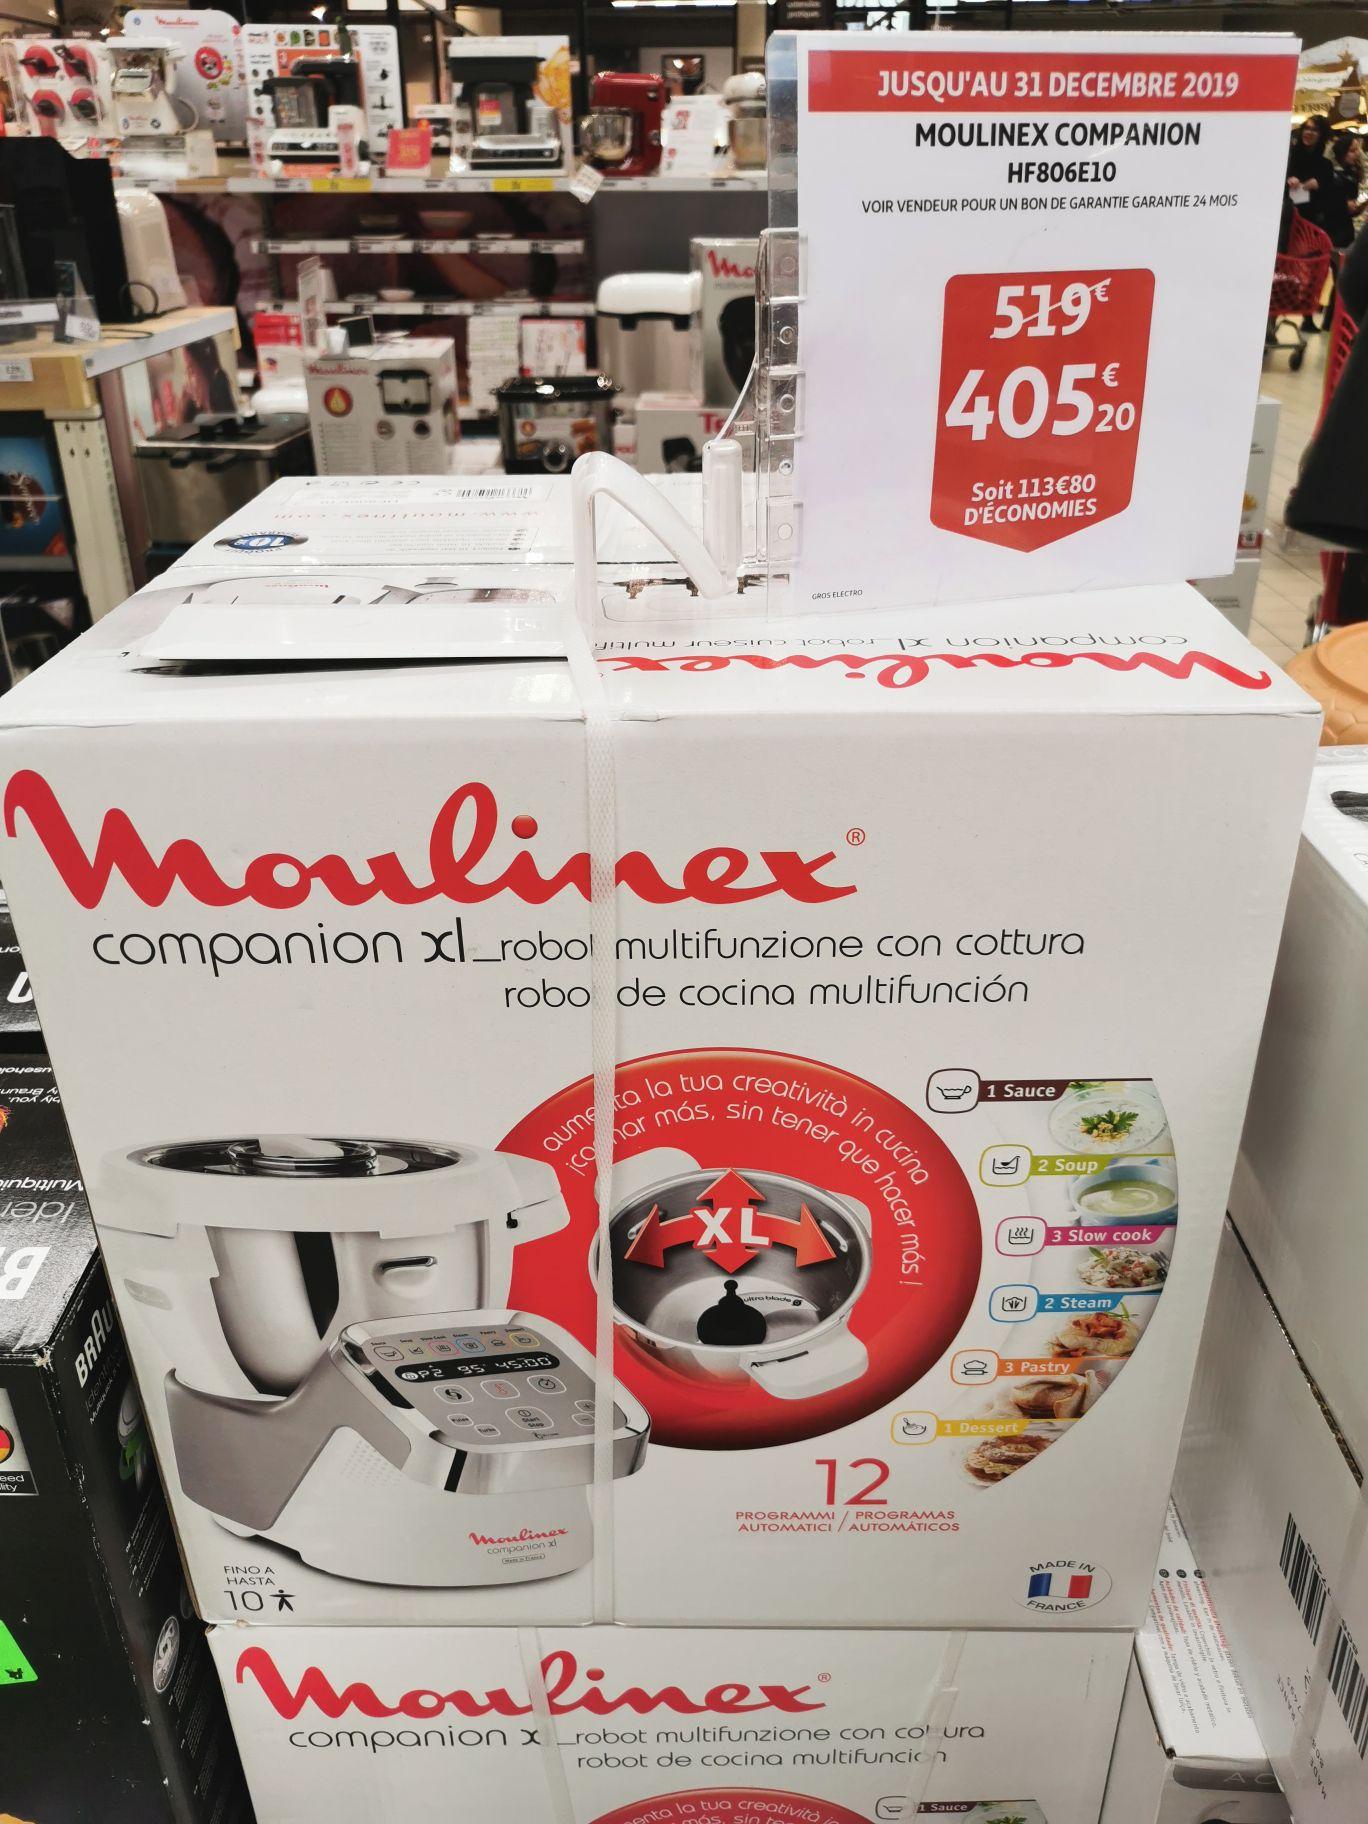 Robot cuiseur Moulinex Companion XL HF806E10 (Limonest 69)